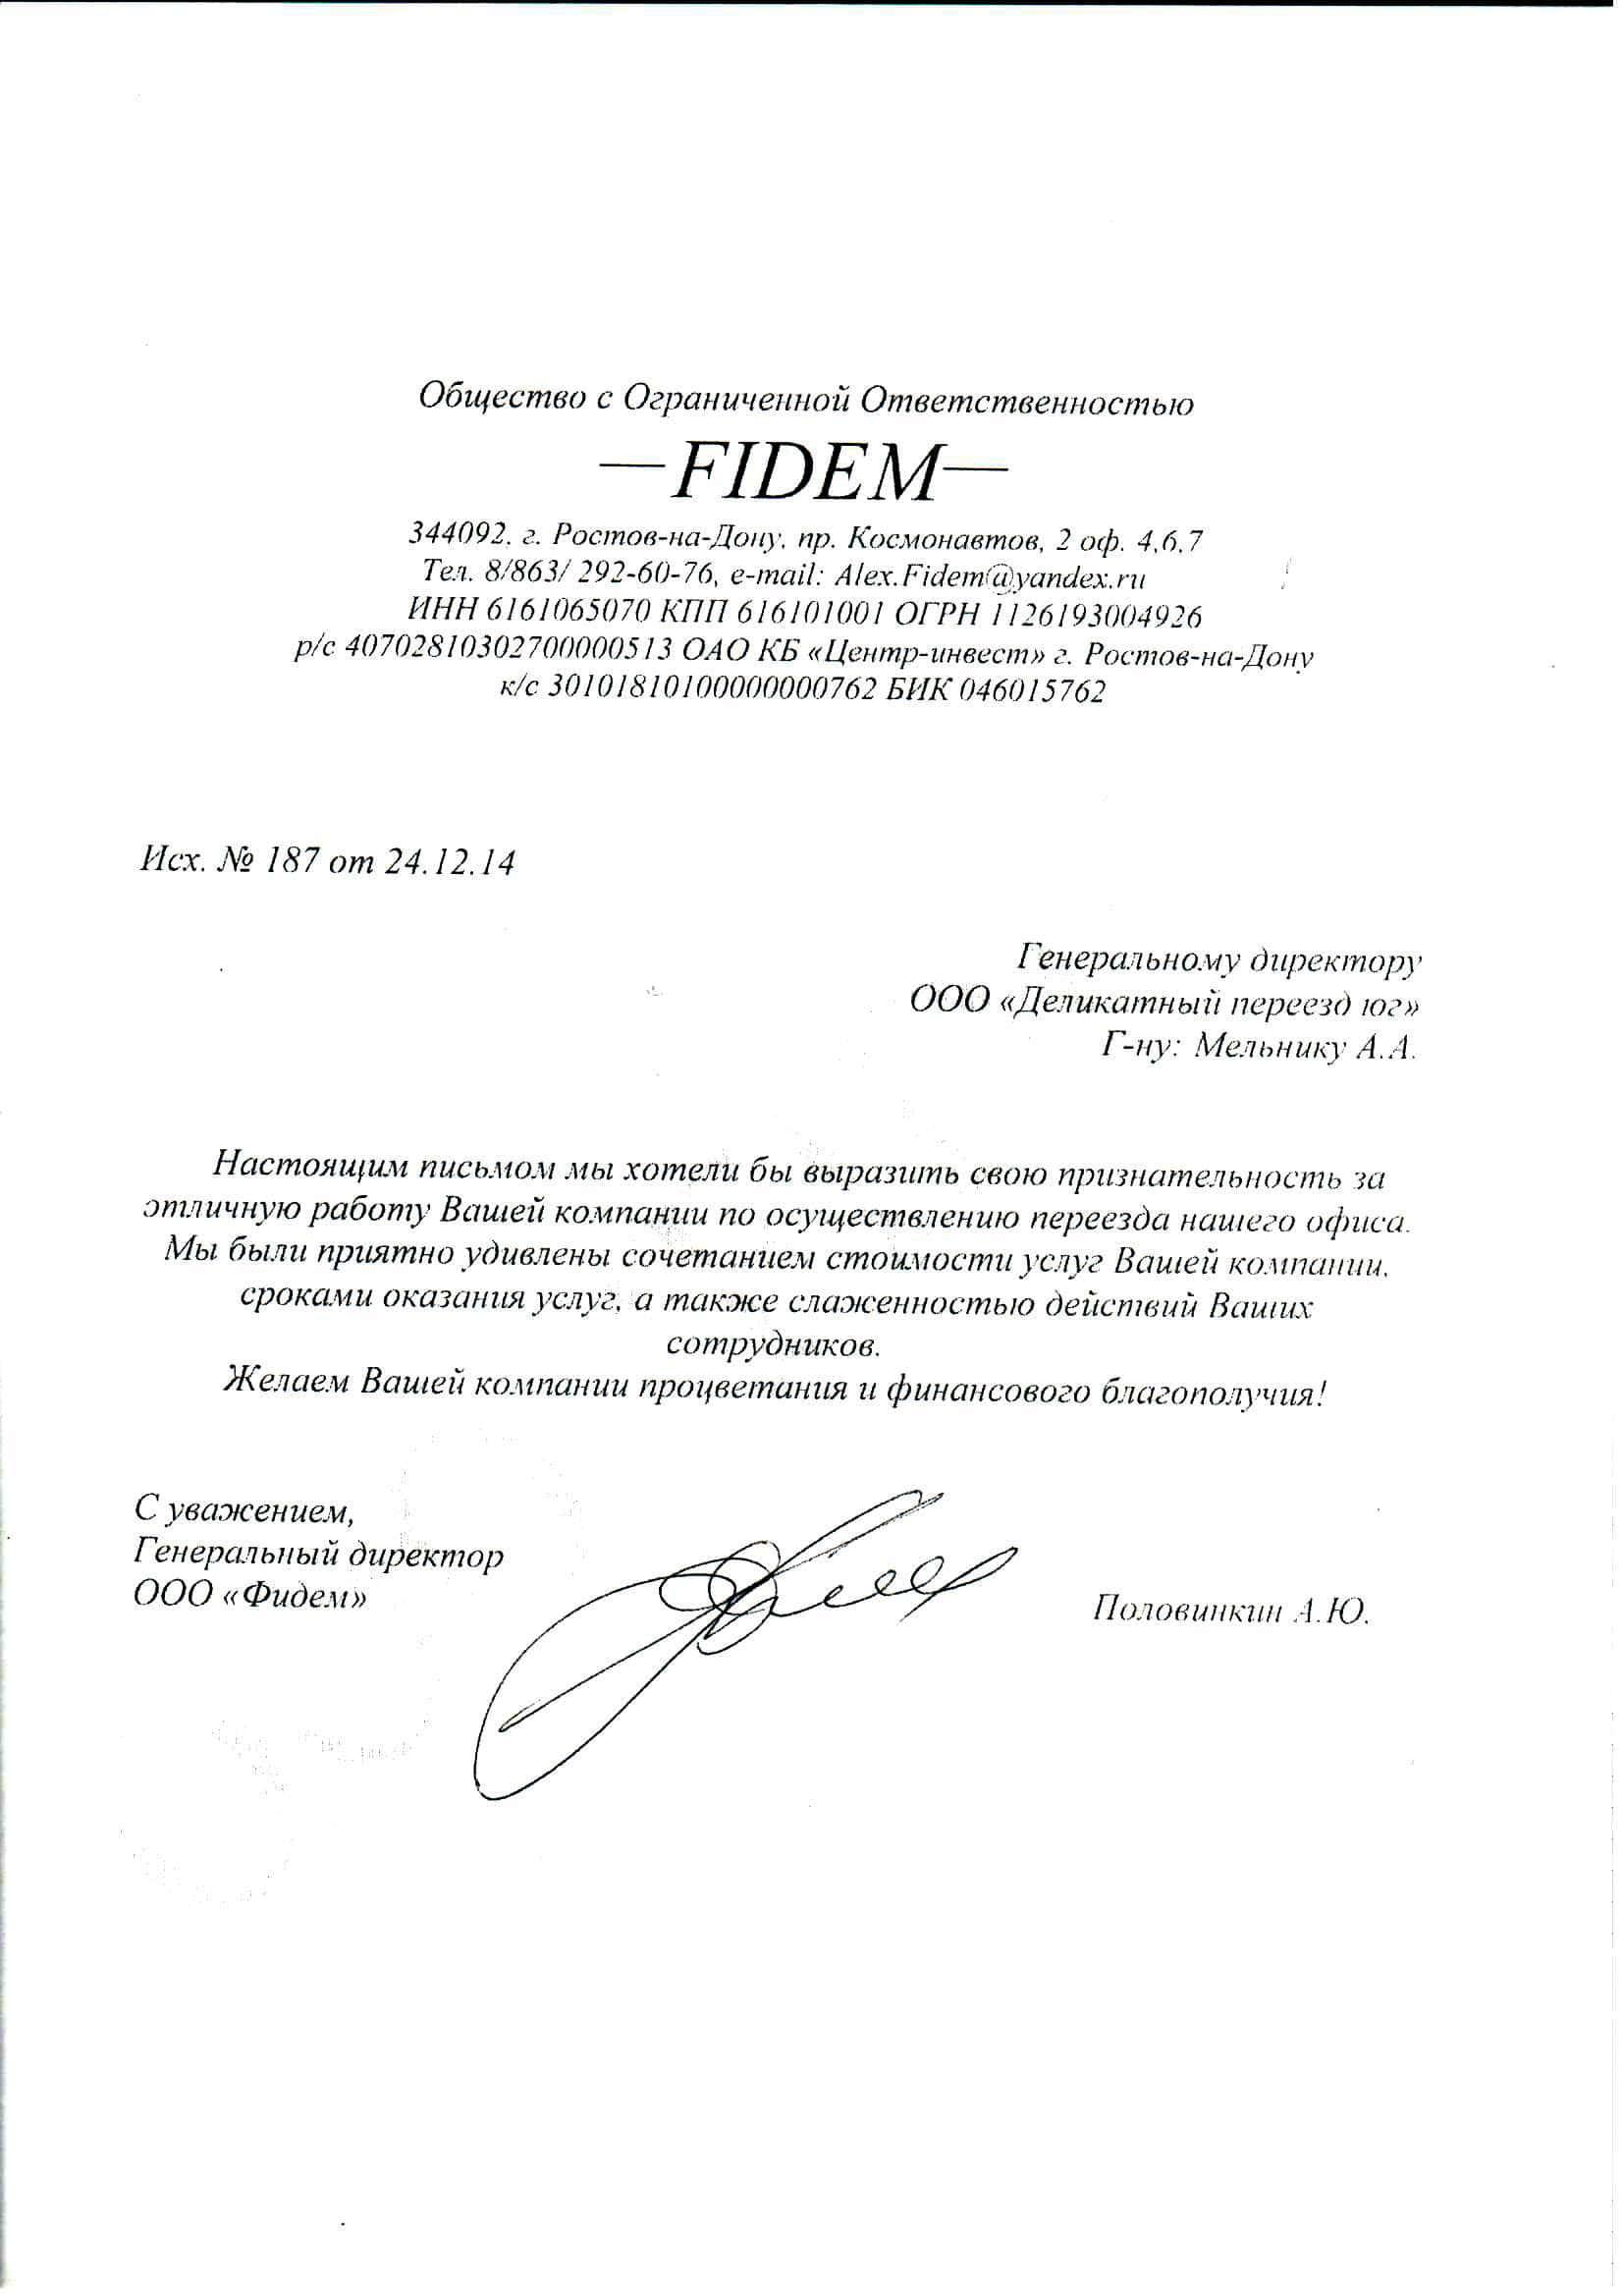 Благодарственное письмо от ООО «Фидем»